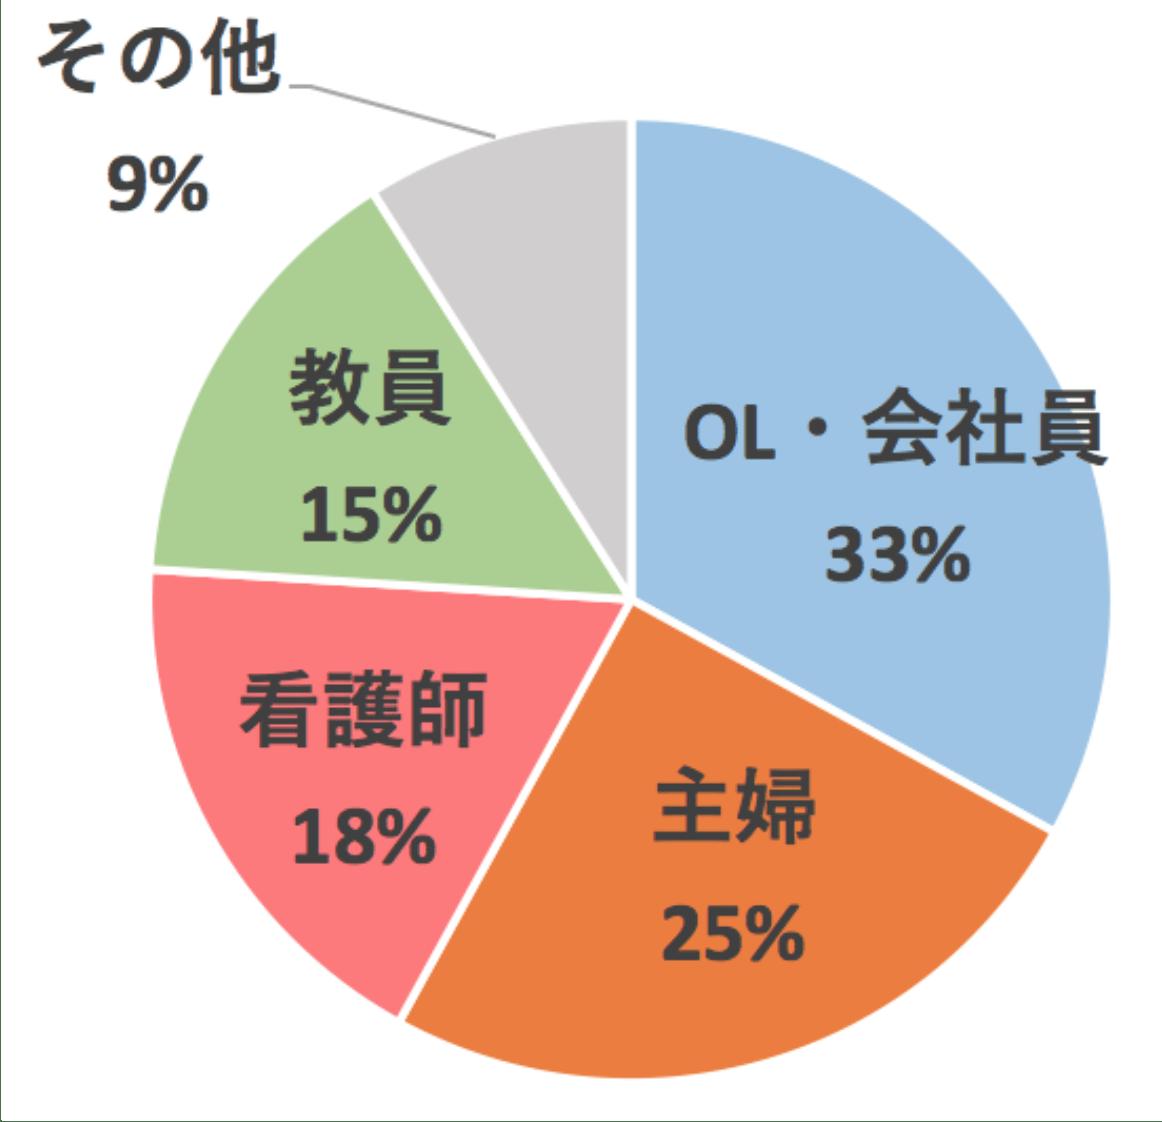 B3ダイエット名古屋スタジオ顧客職業比率